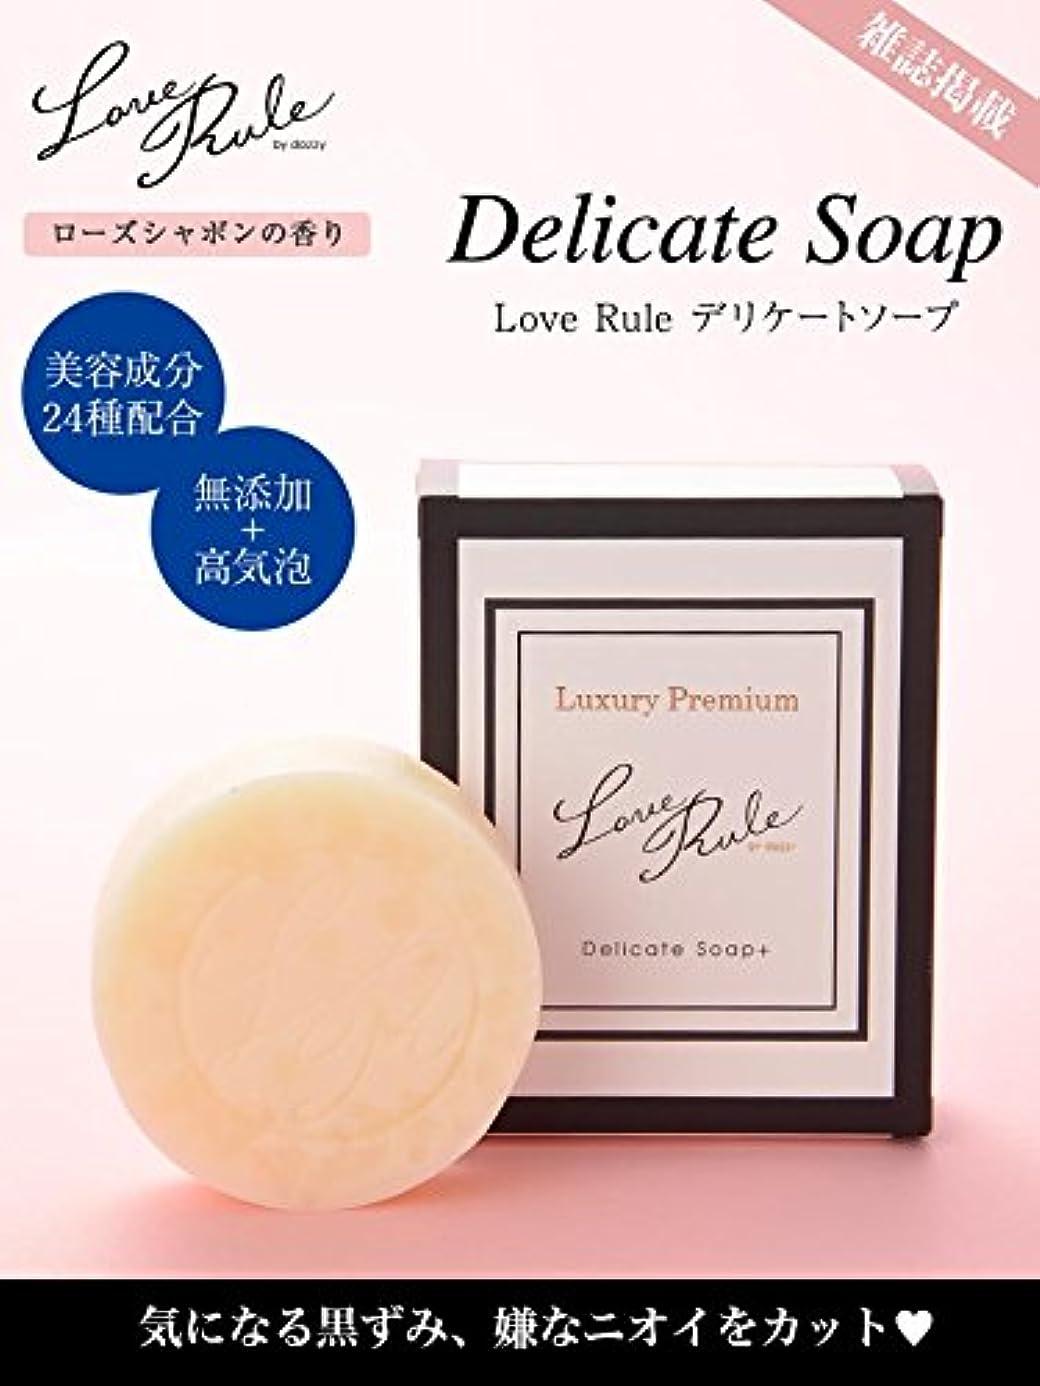 スーパー費用山Love Rule デリケートゾーン ソープ プラス 美容成分24種配合 石鹸